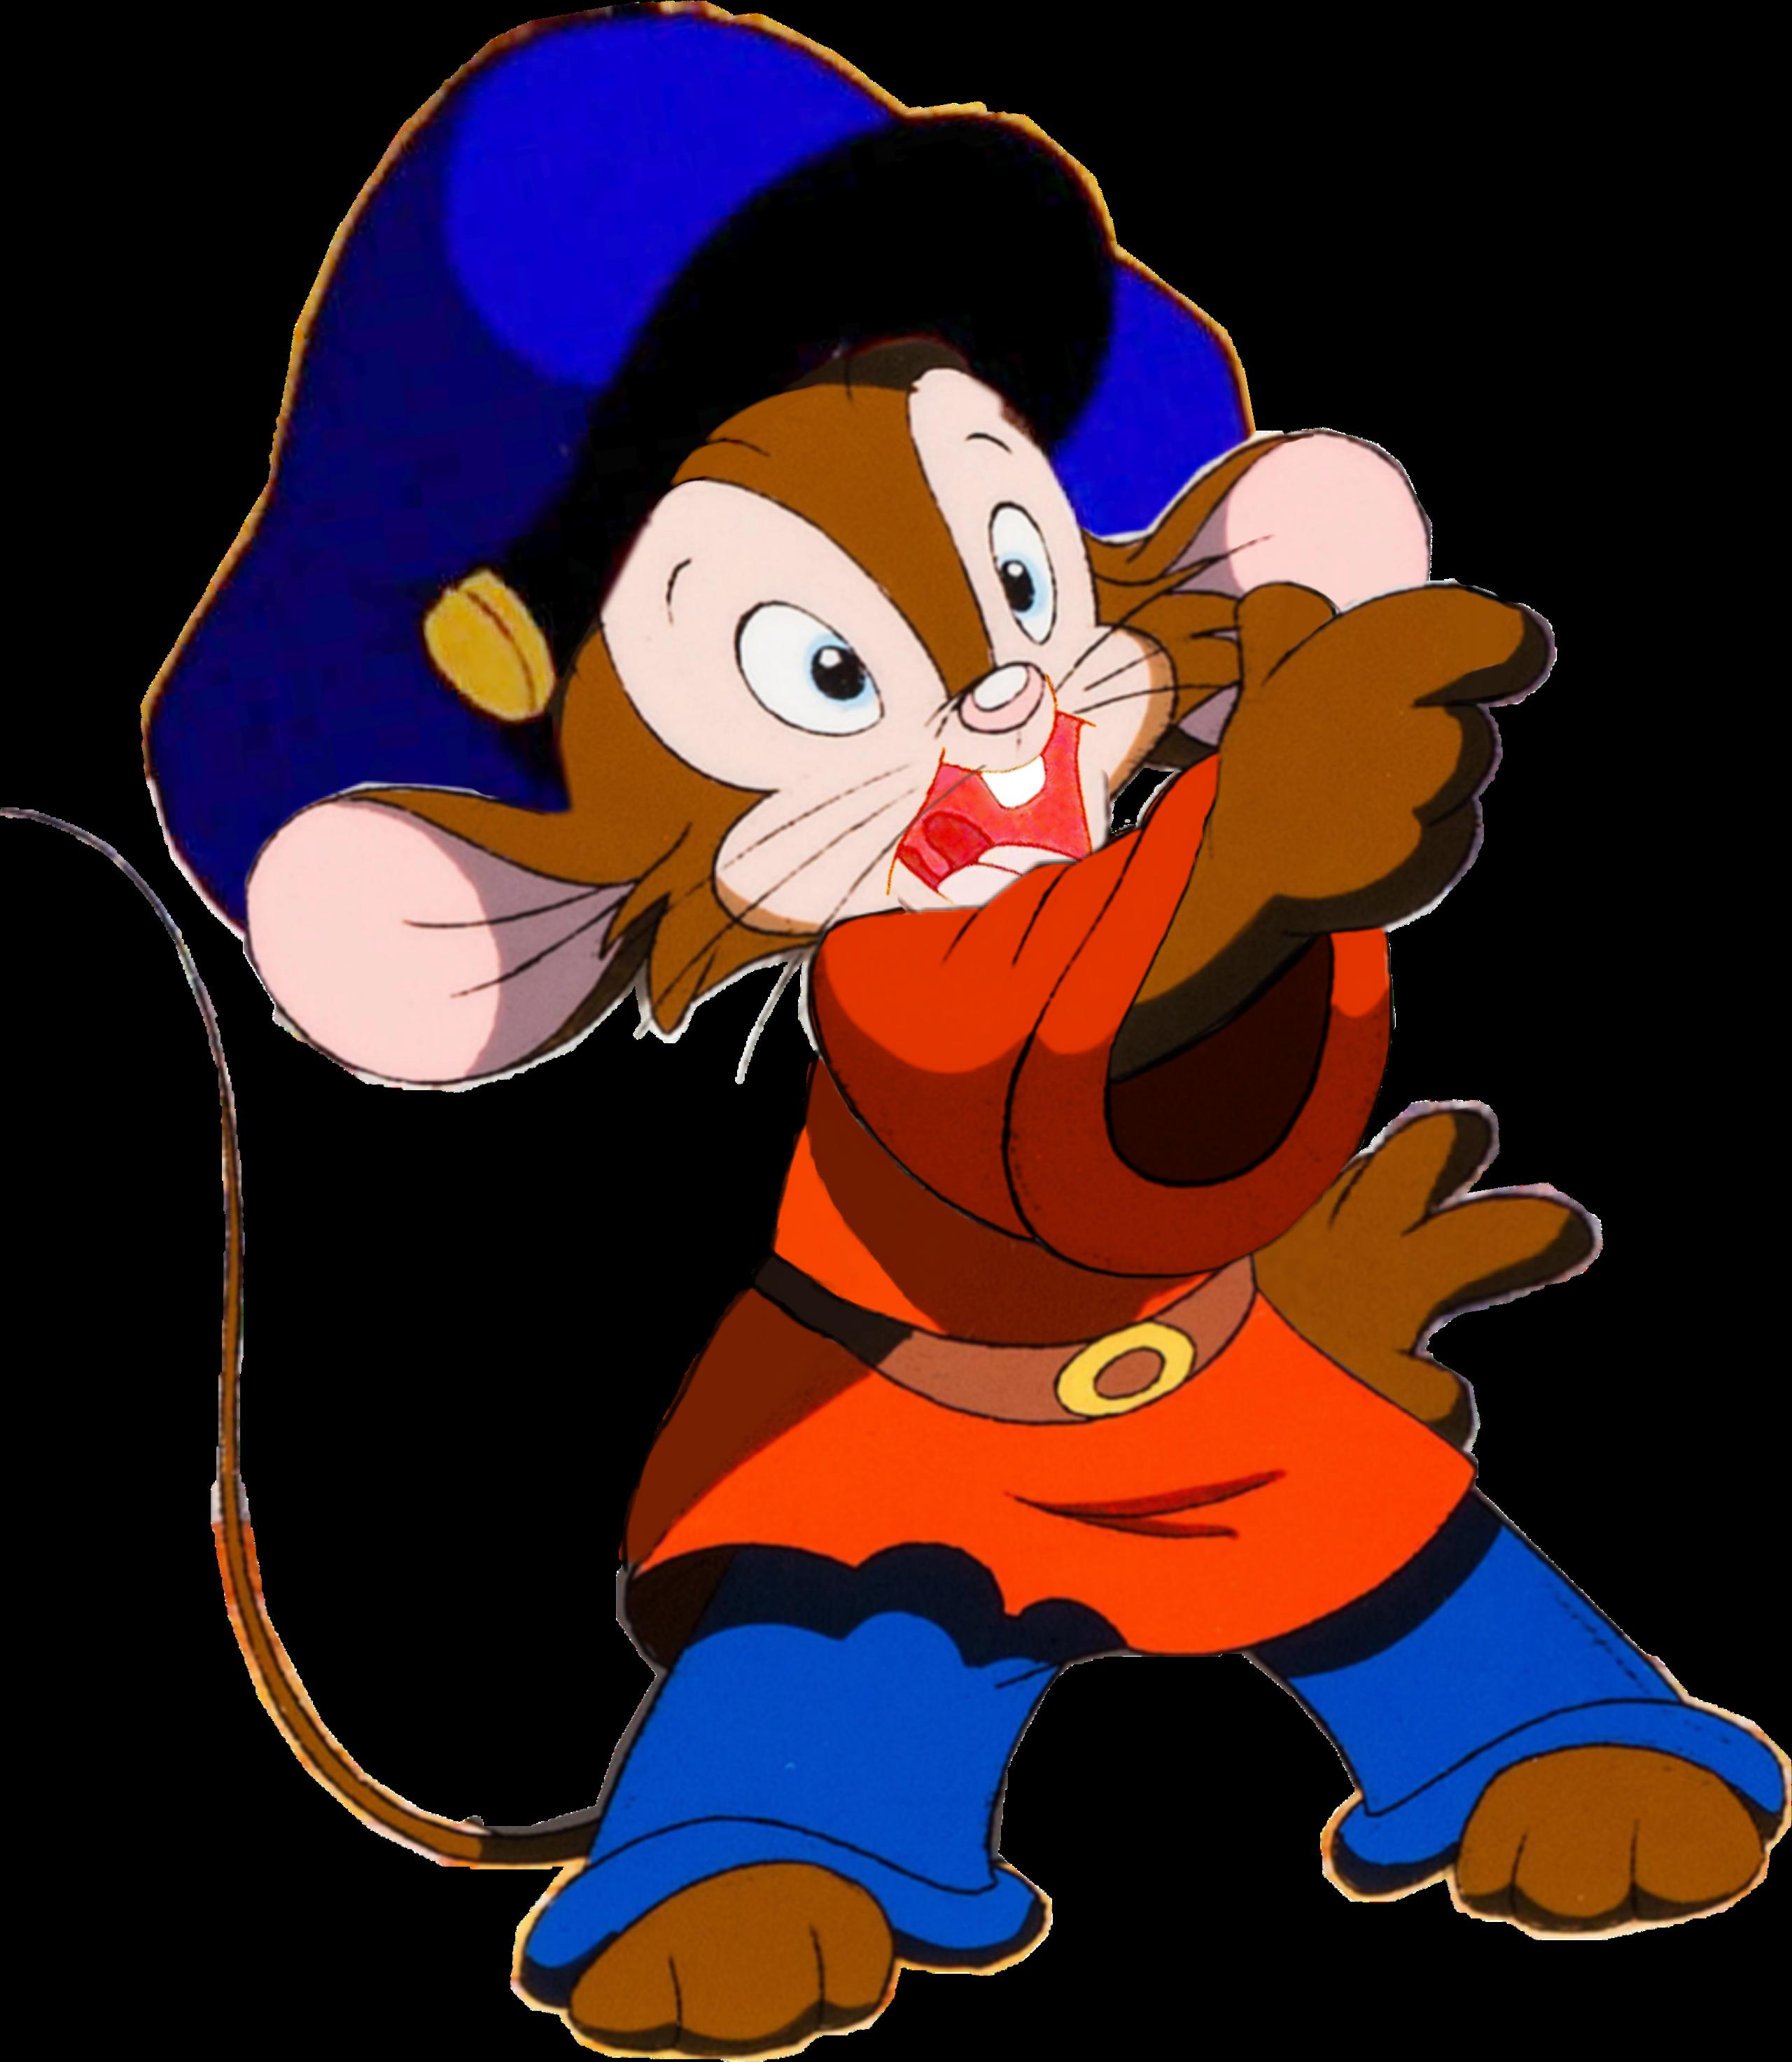 Fievel Mousekewitz FievelMousekewitz https://i2.wp.com/